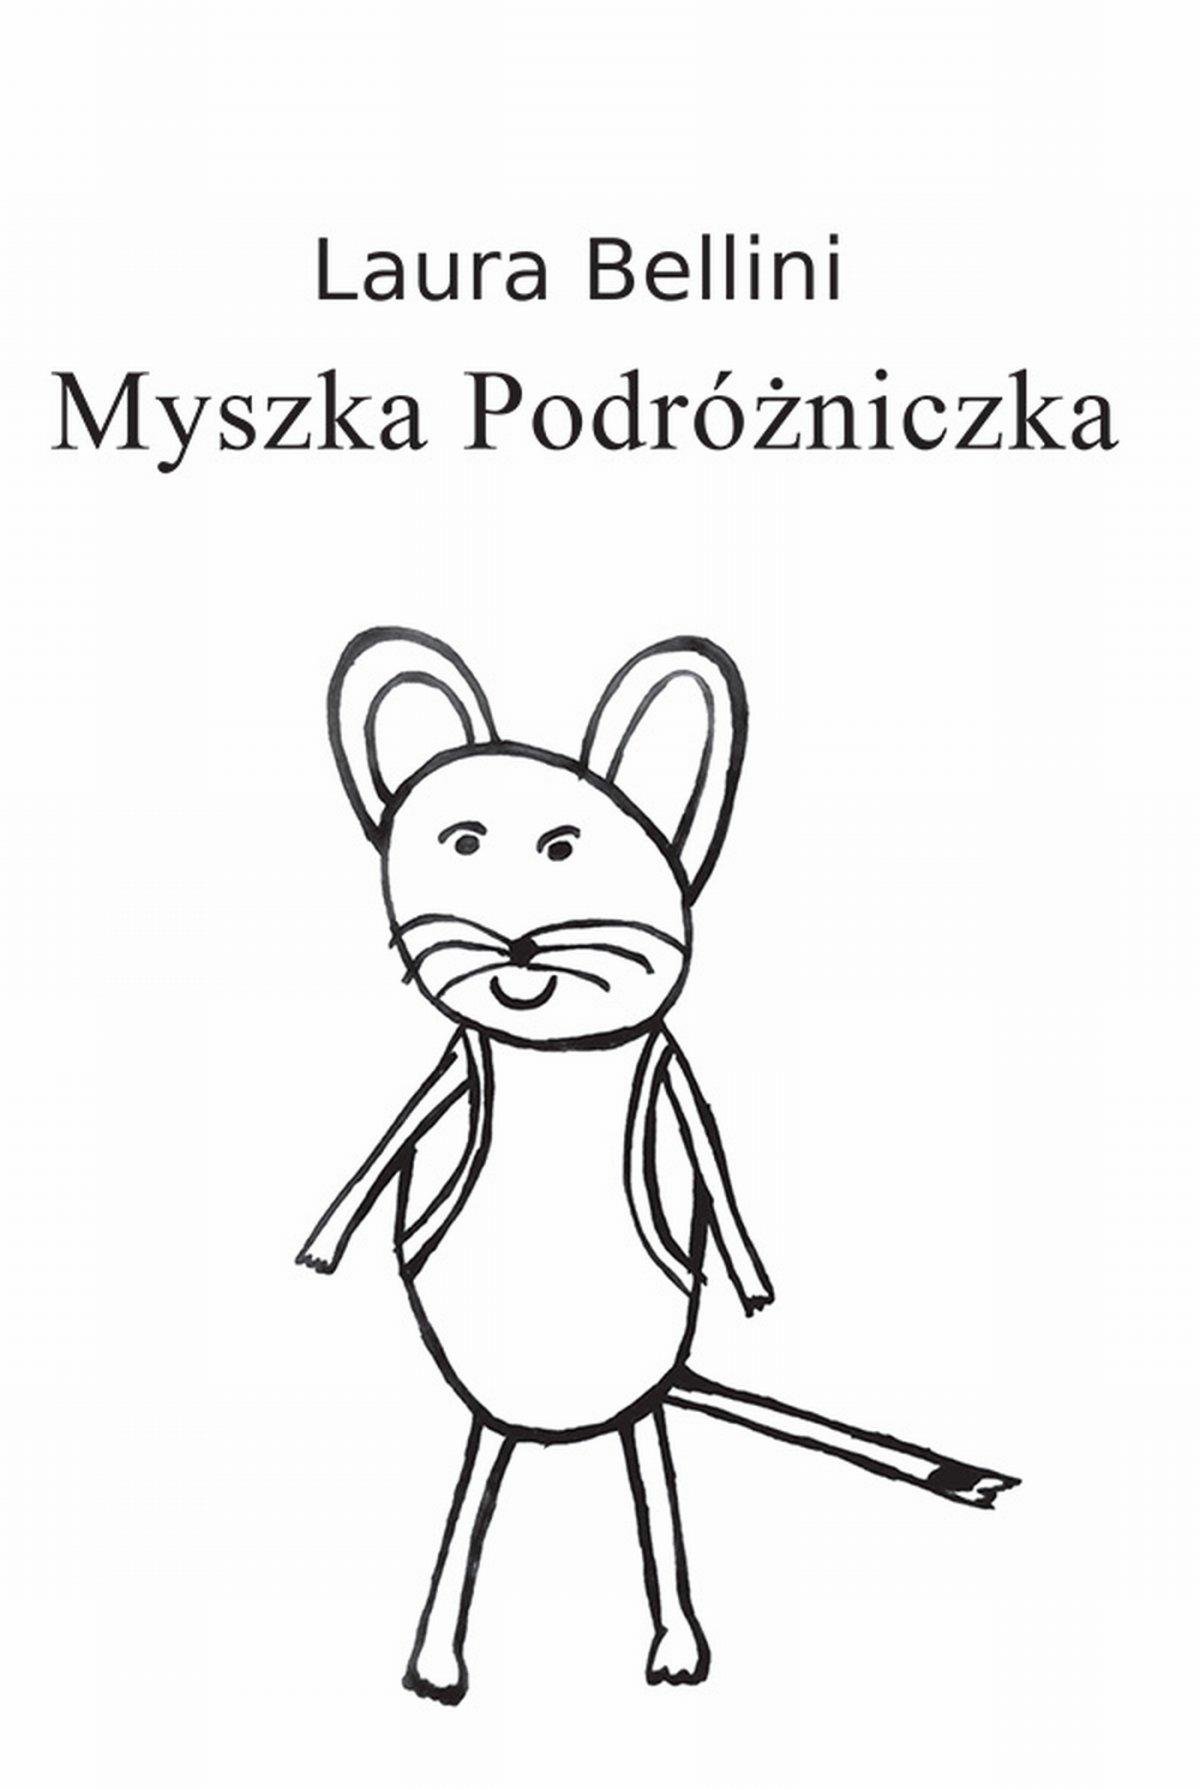 Myszka Podróżniczka - Ebook (Książka EPUB) do pobrania w formacie EPUB